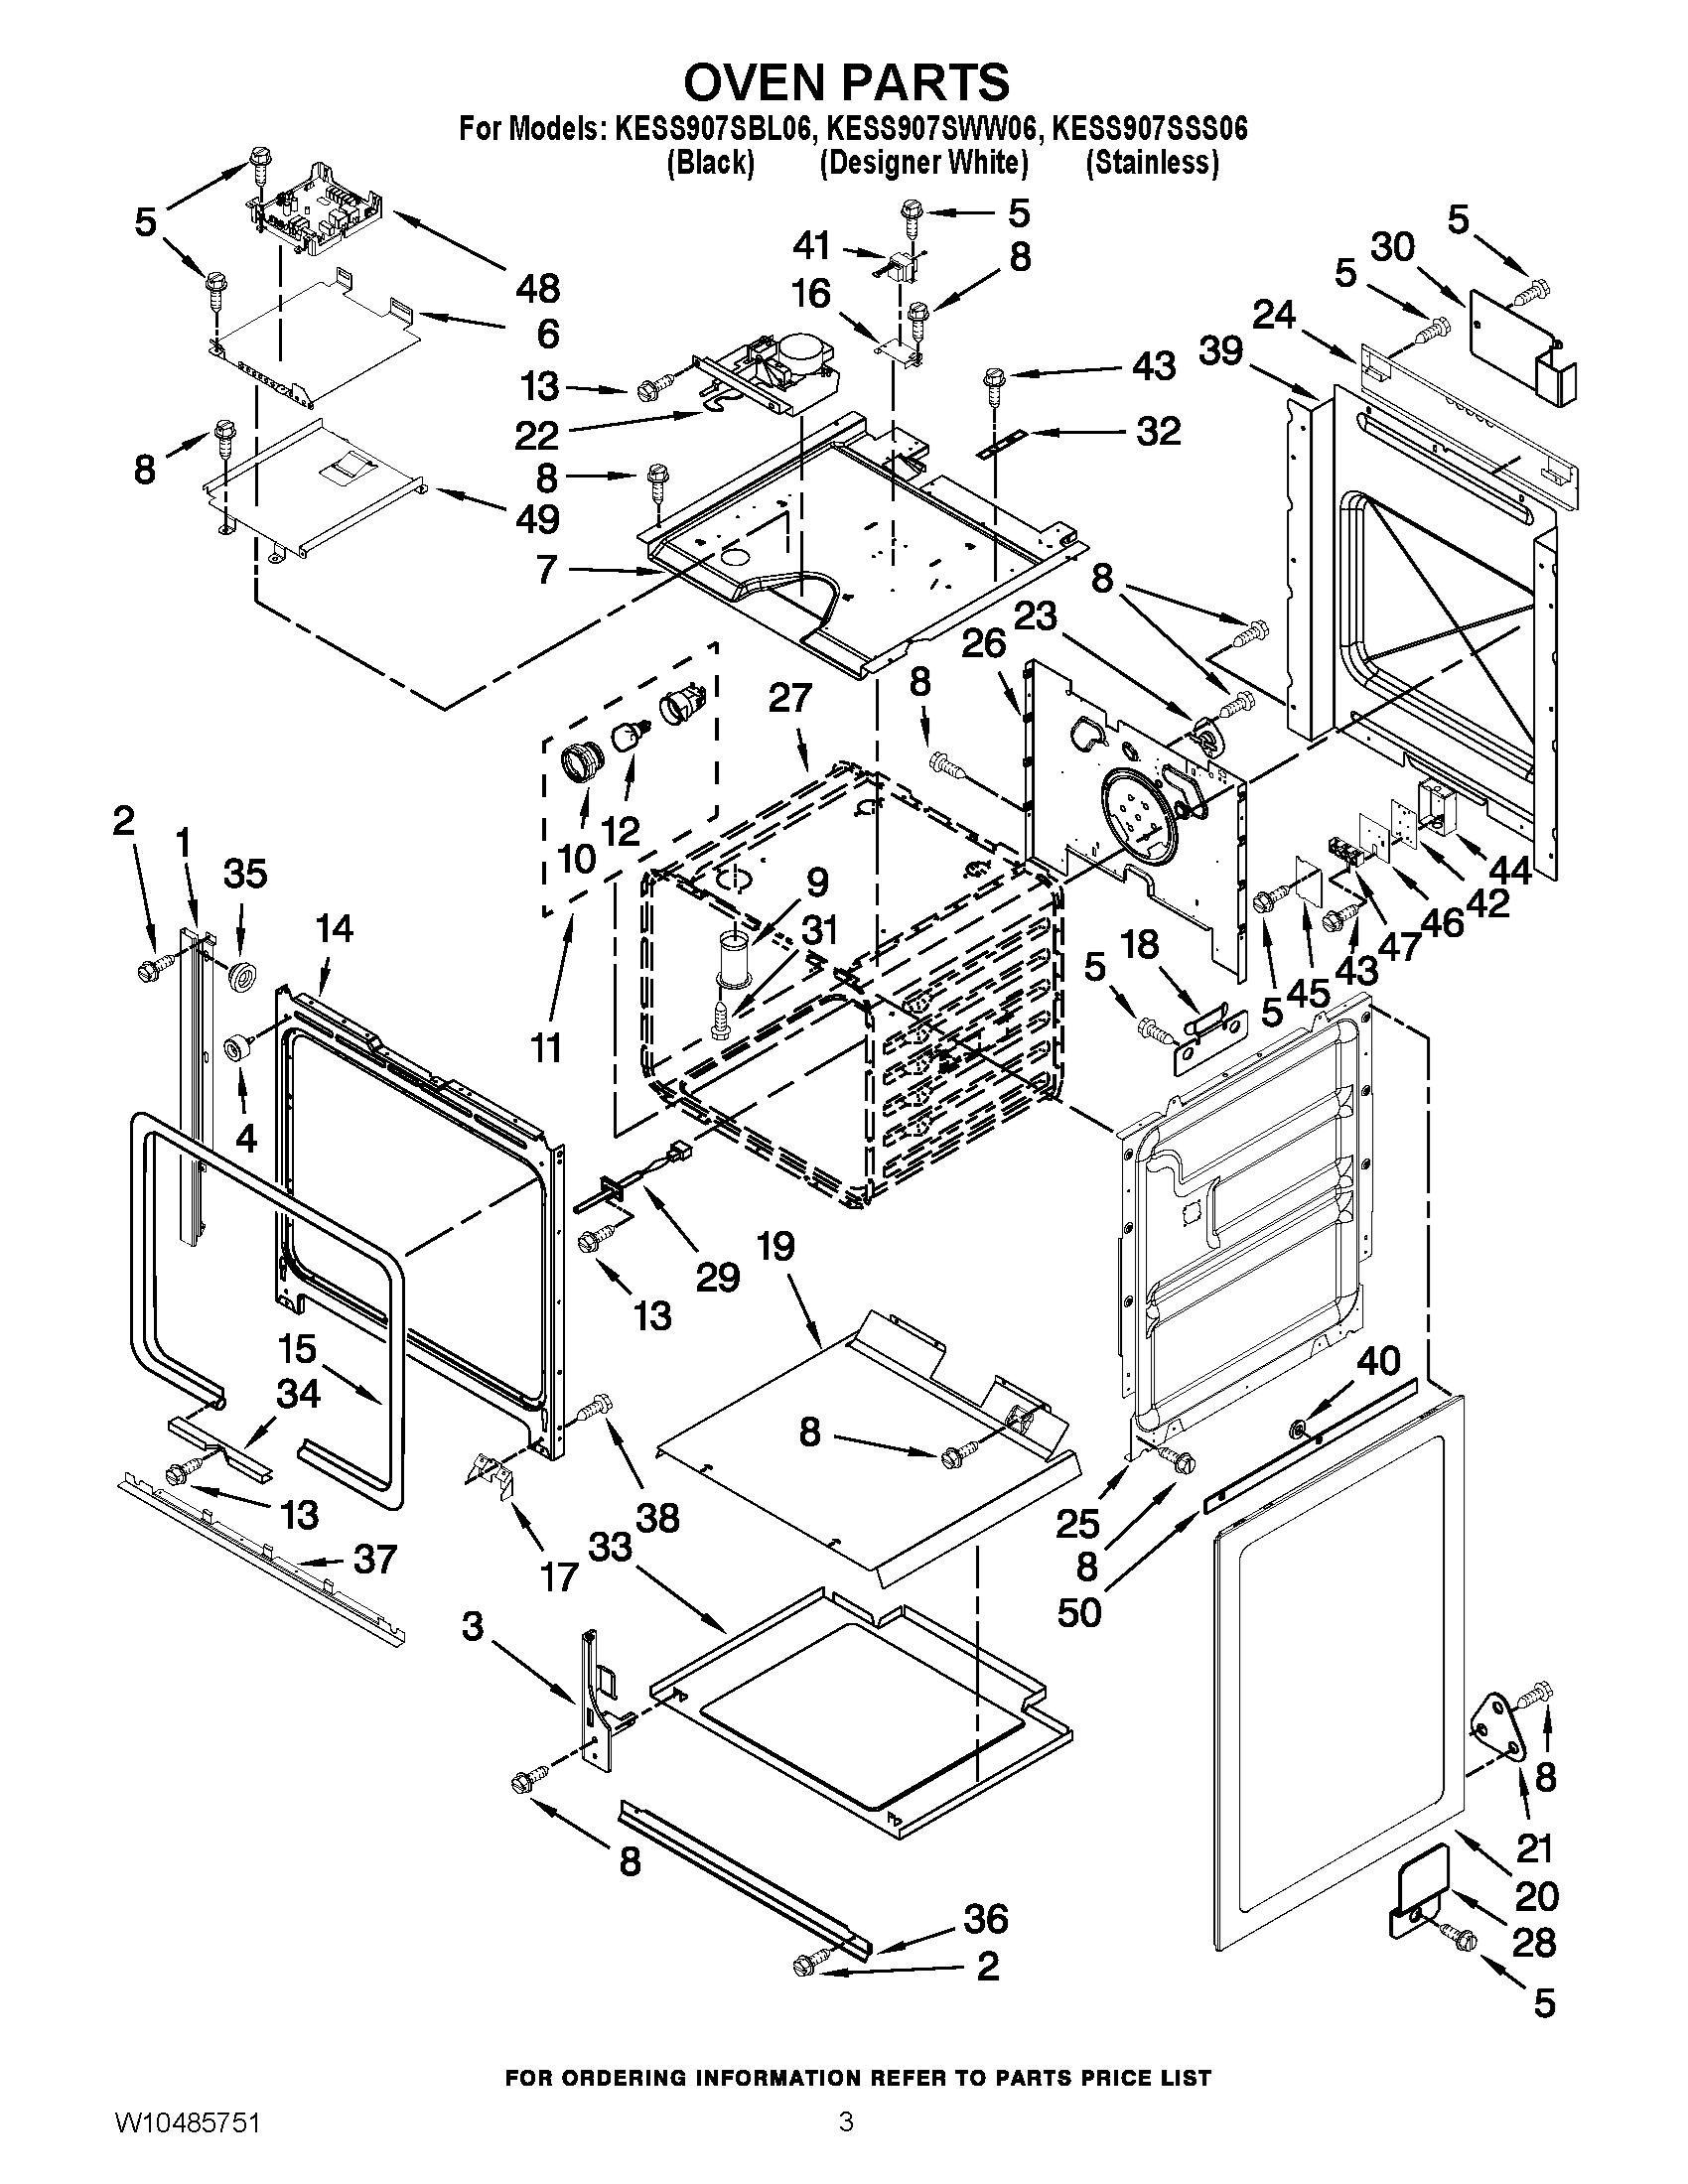 unusual caterpillar voltage regulator wiring diagram pictures, Wiring diagram